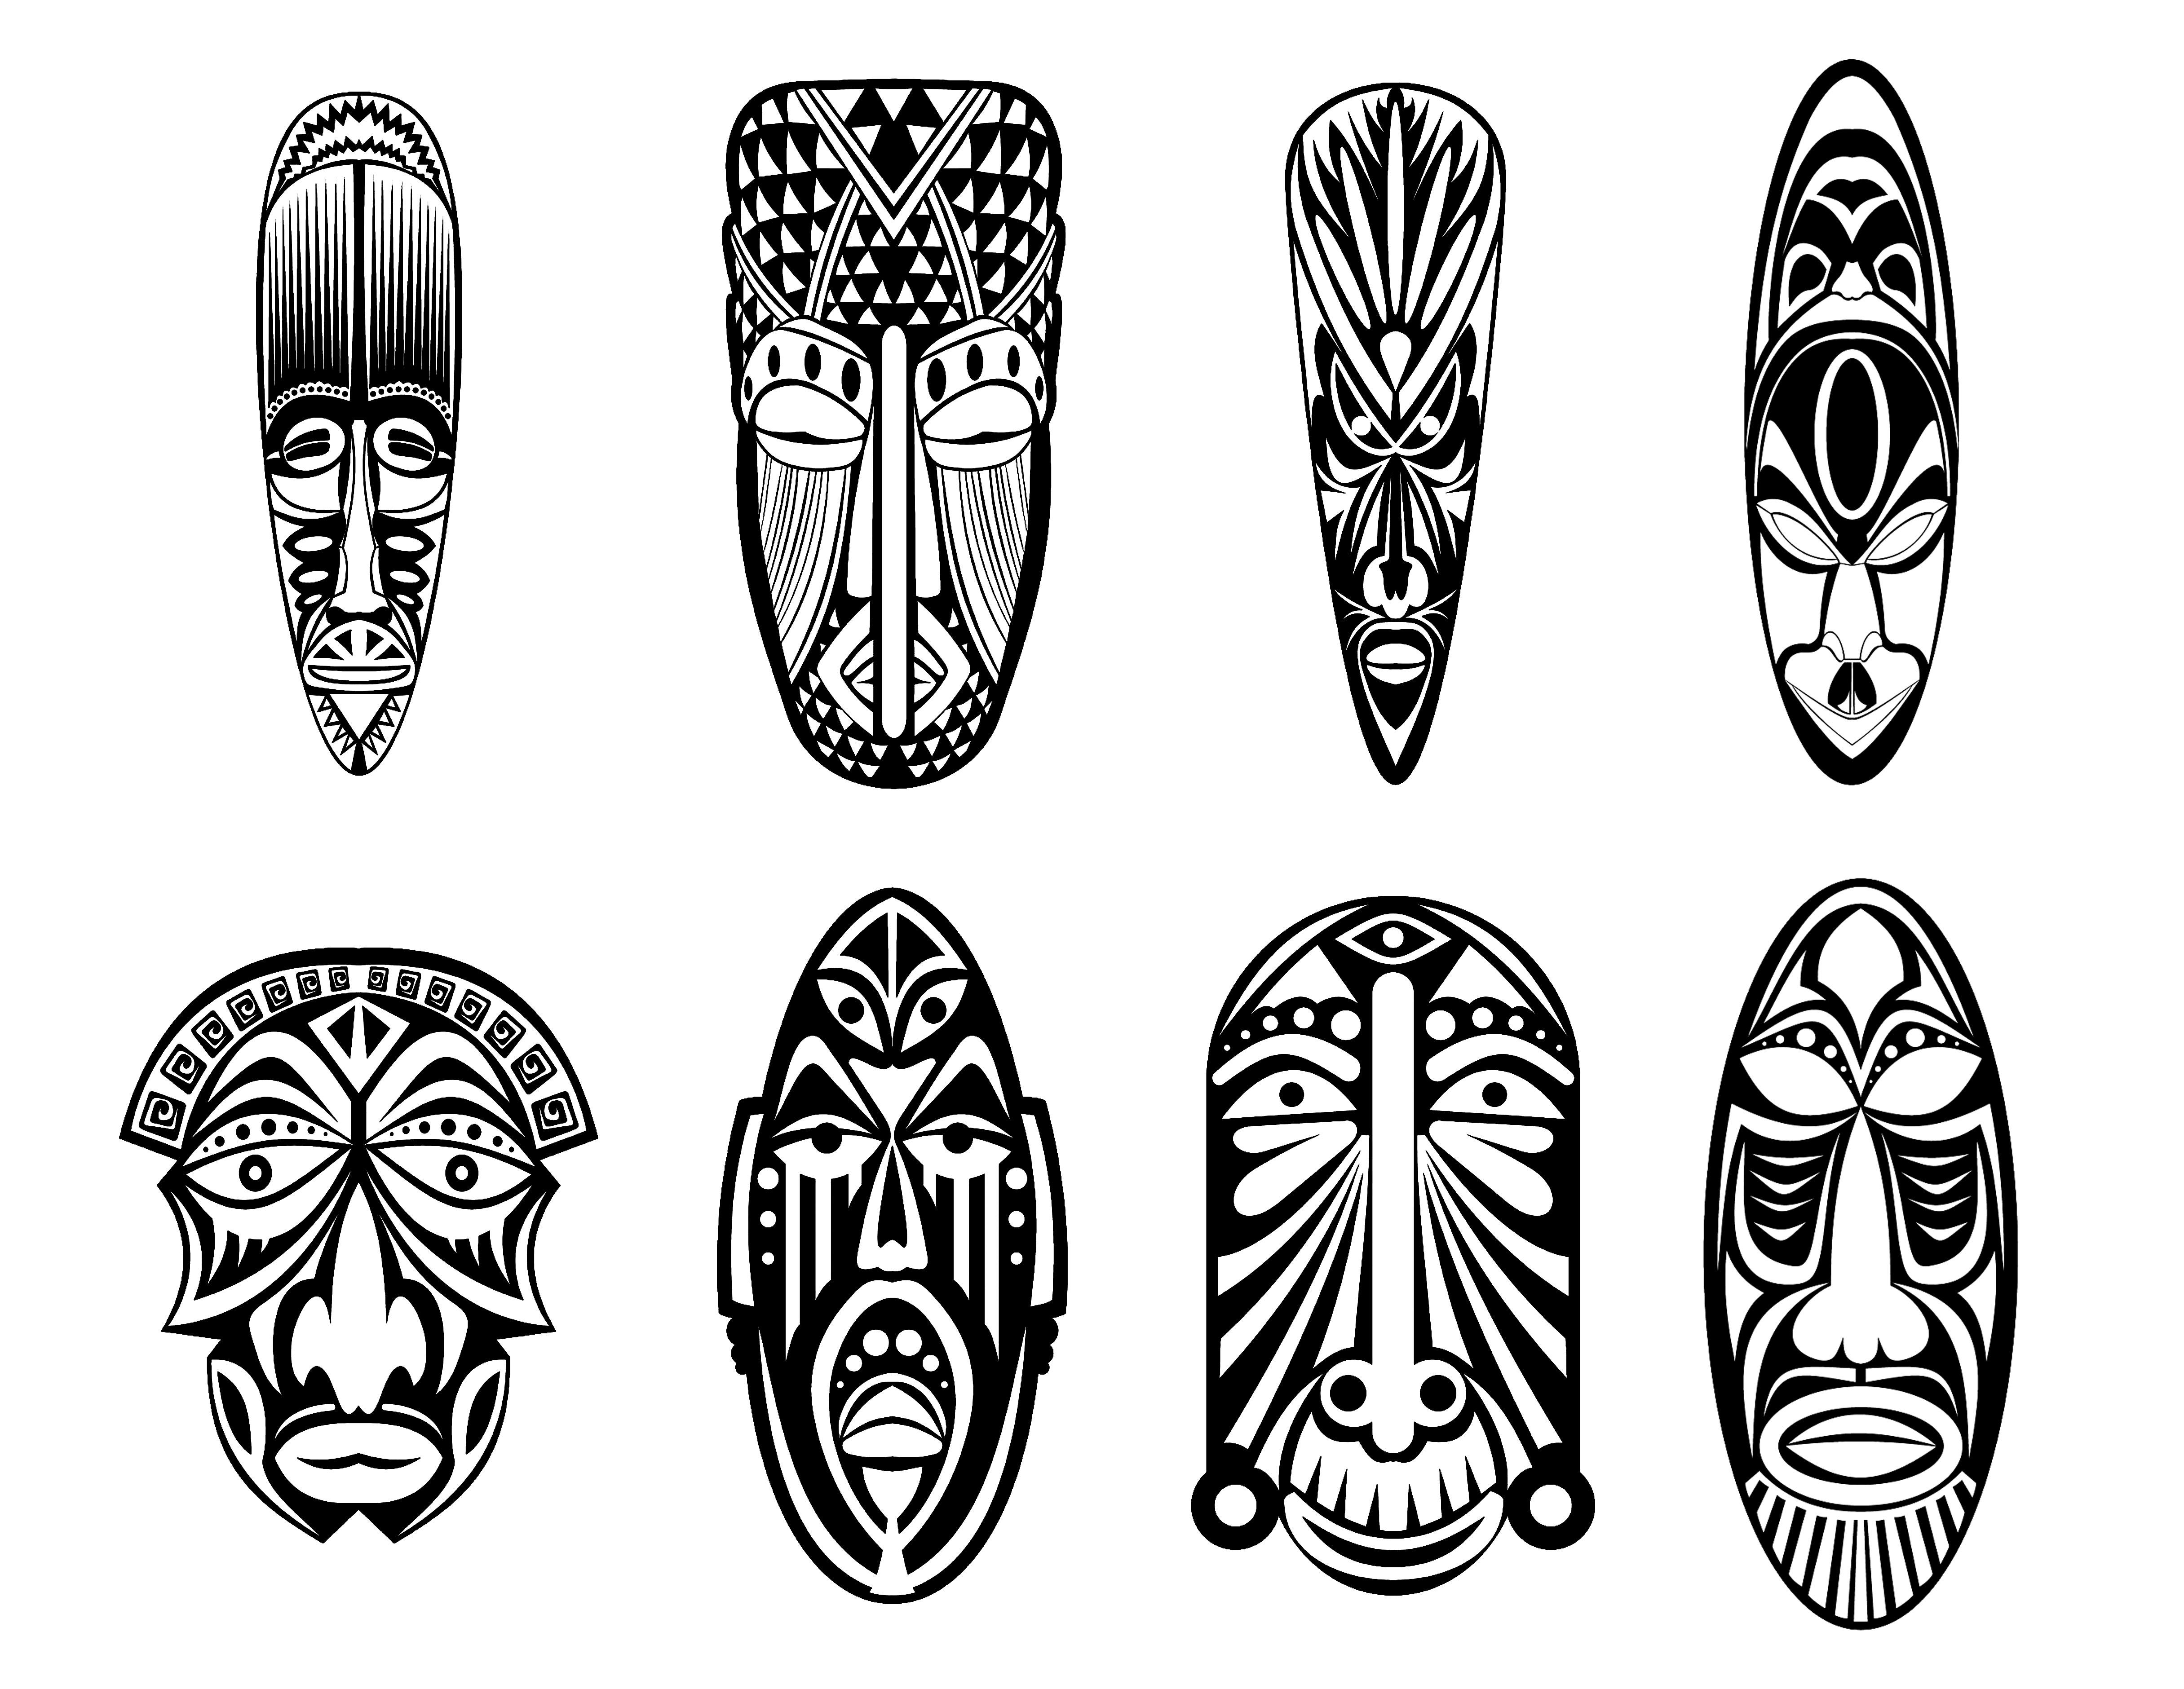 Coloriage Famille Africaine.12 Masques Africains Afrique Coloriages Difficiles Pour Adultes